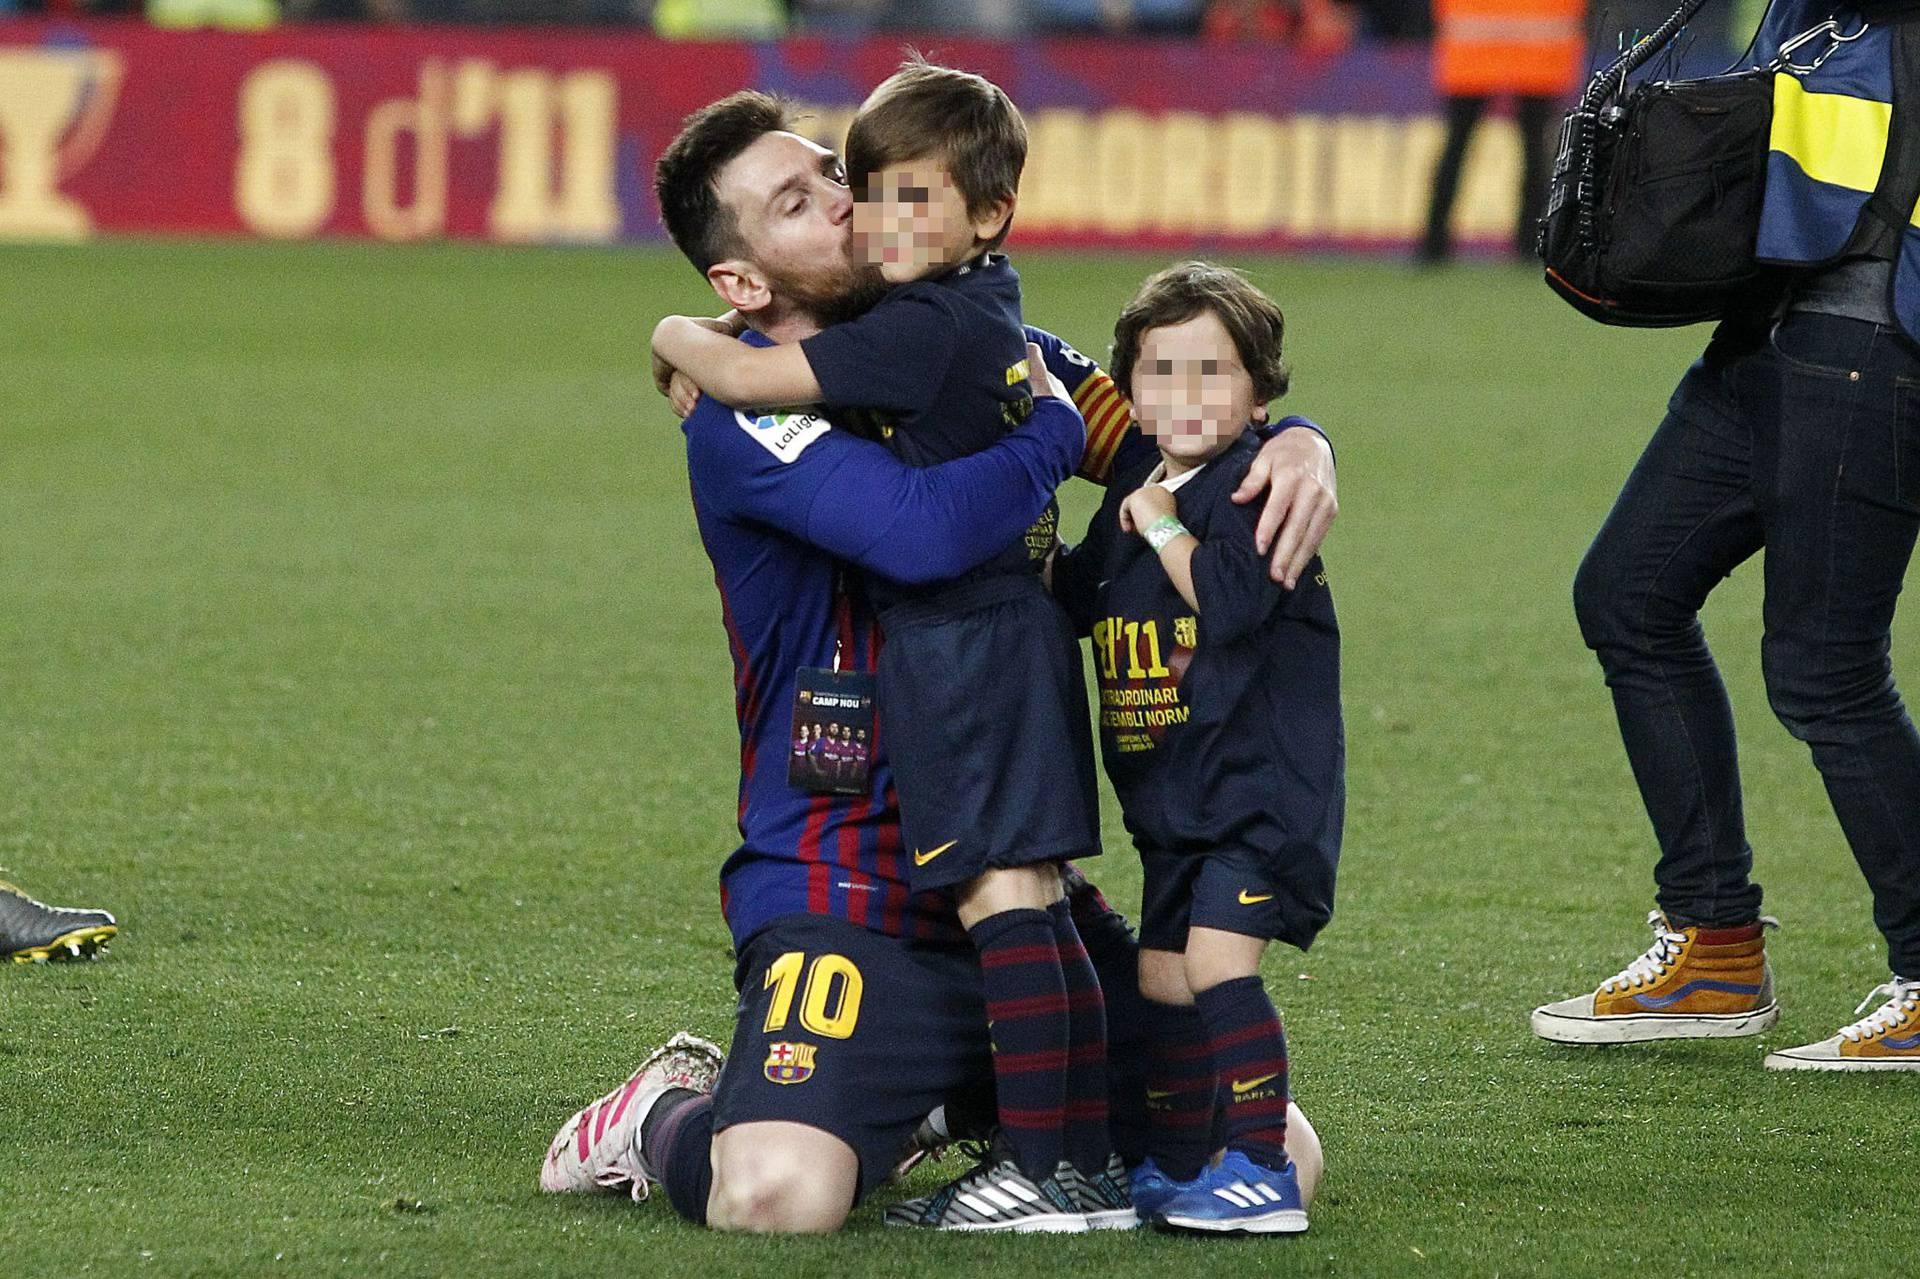 Messi otkrio dramu kroz koju je prolazio: Ma cijela obitelj je plakala, bilo mi je baš grozno